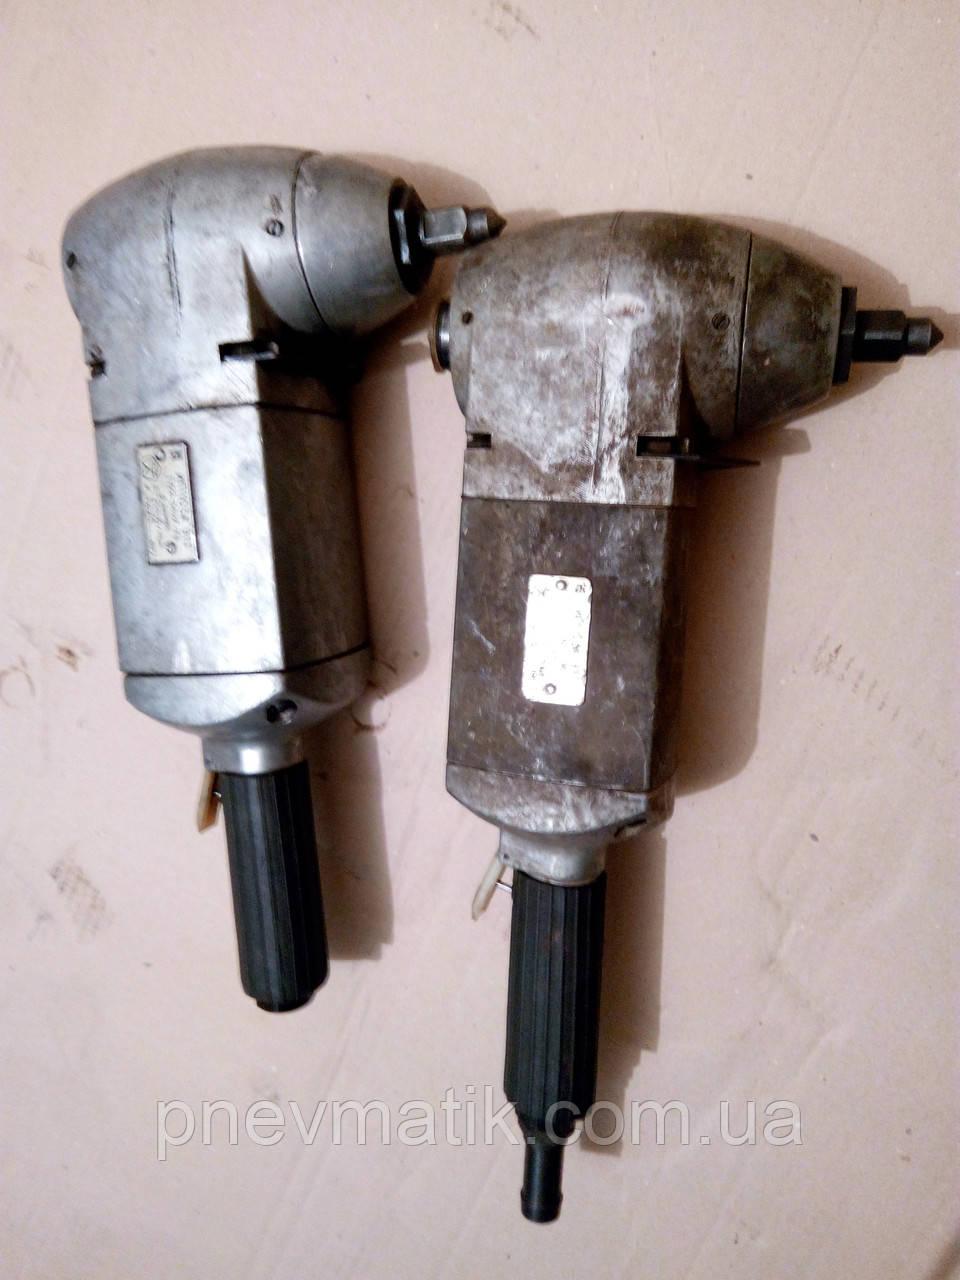 Дрель пневматическая ИП-1103А